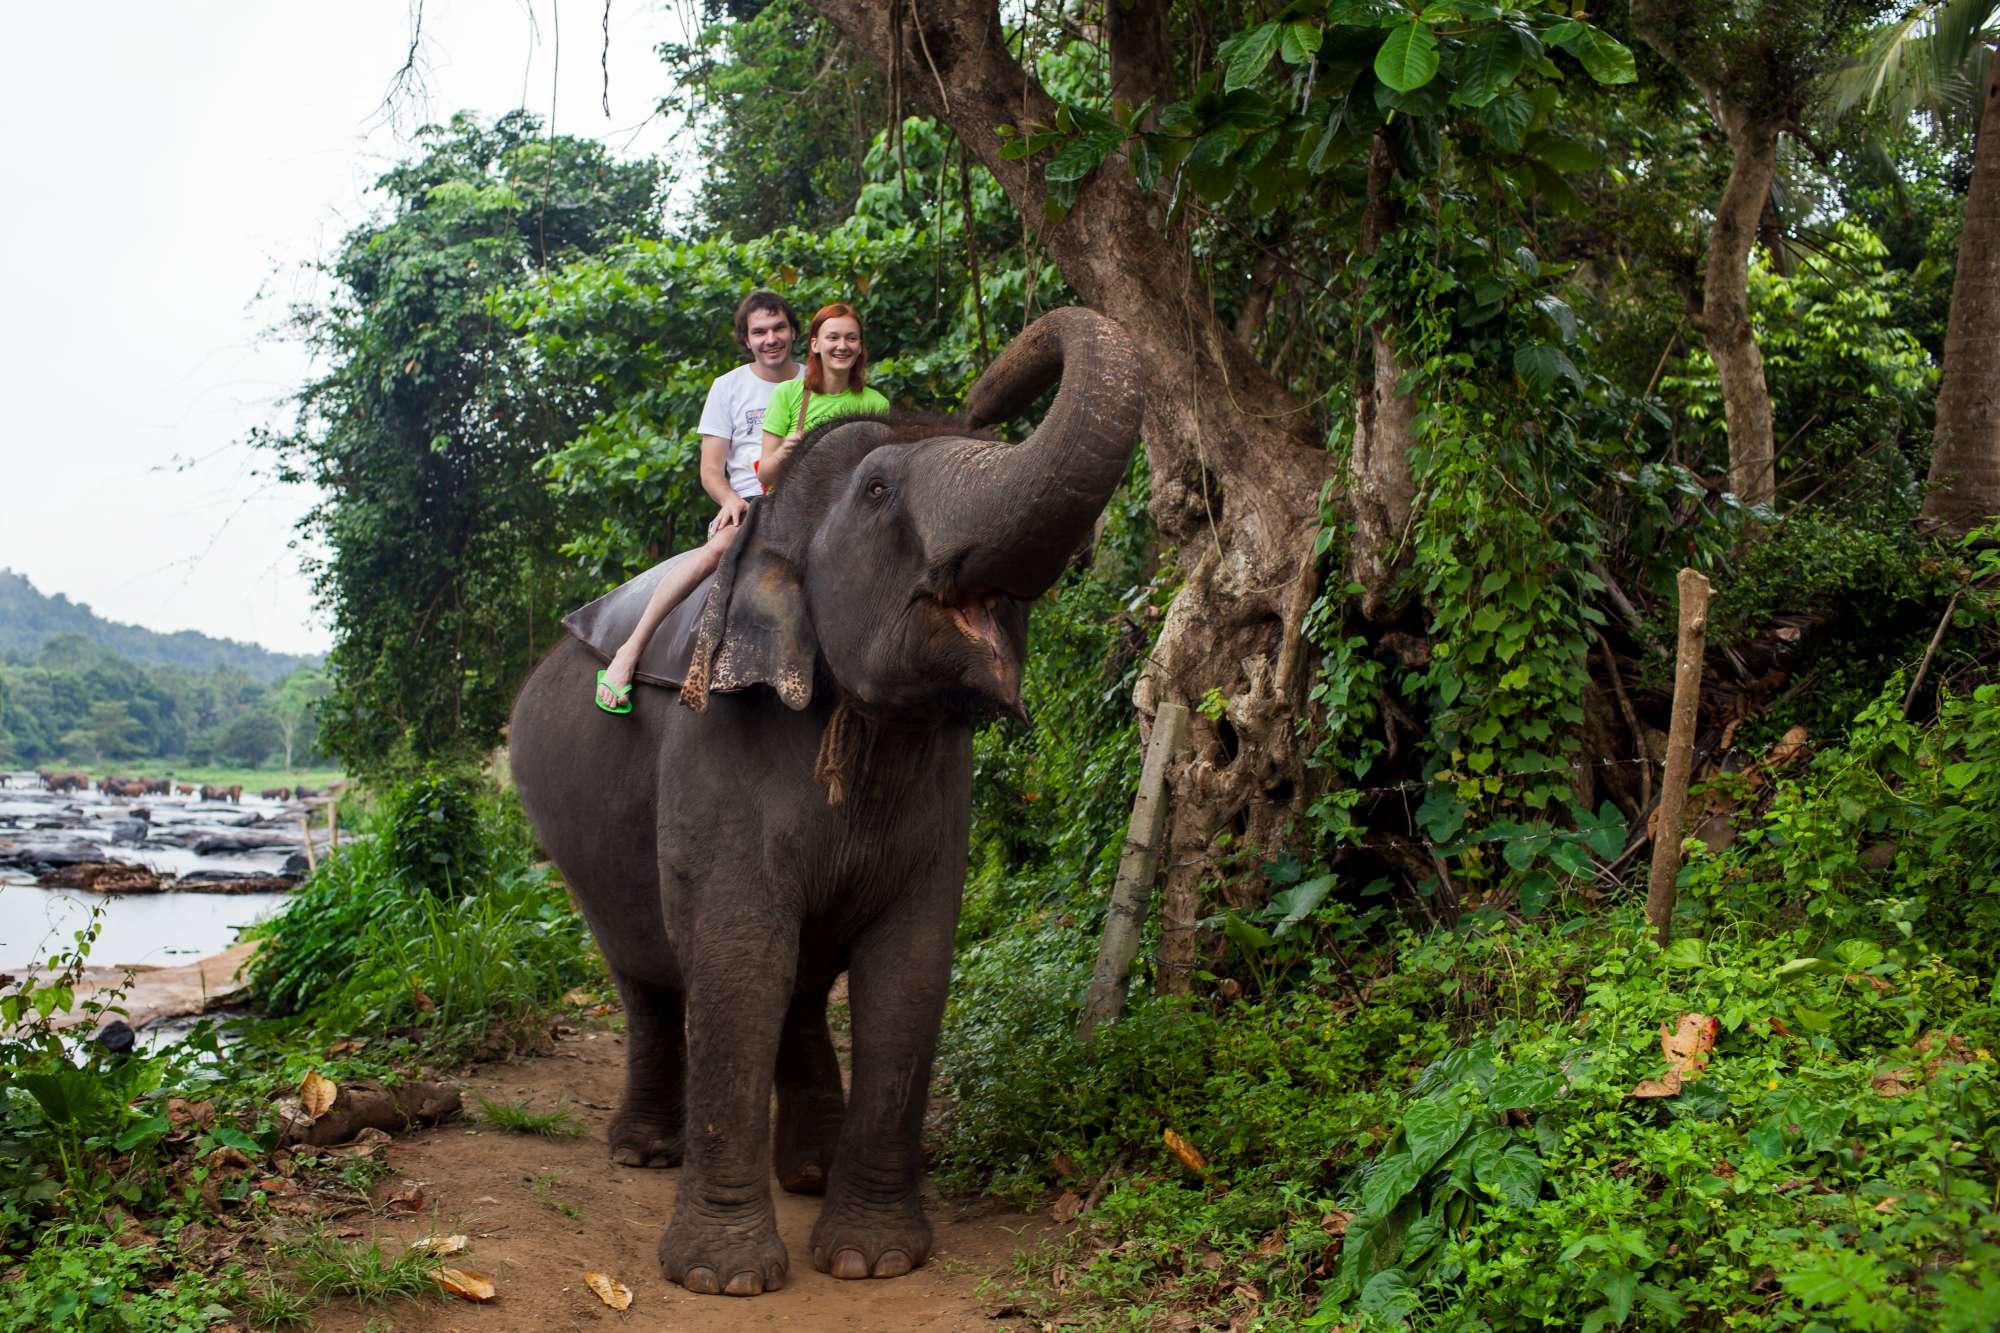 Sposi in sella a un elefante in India